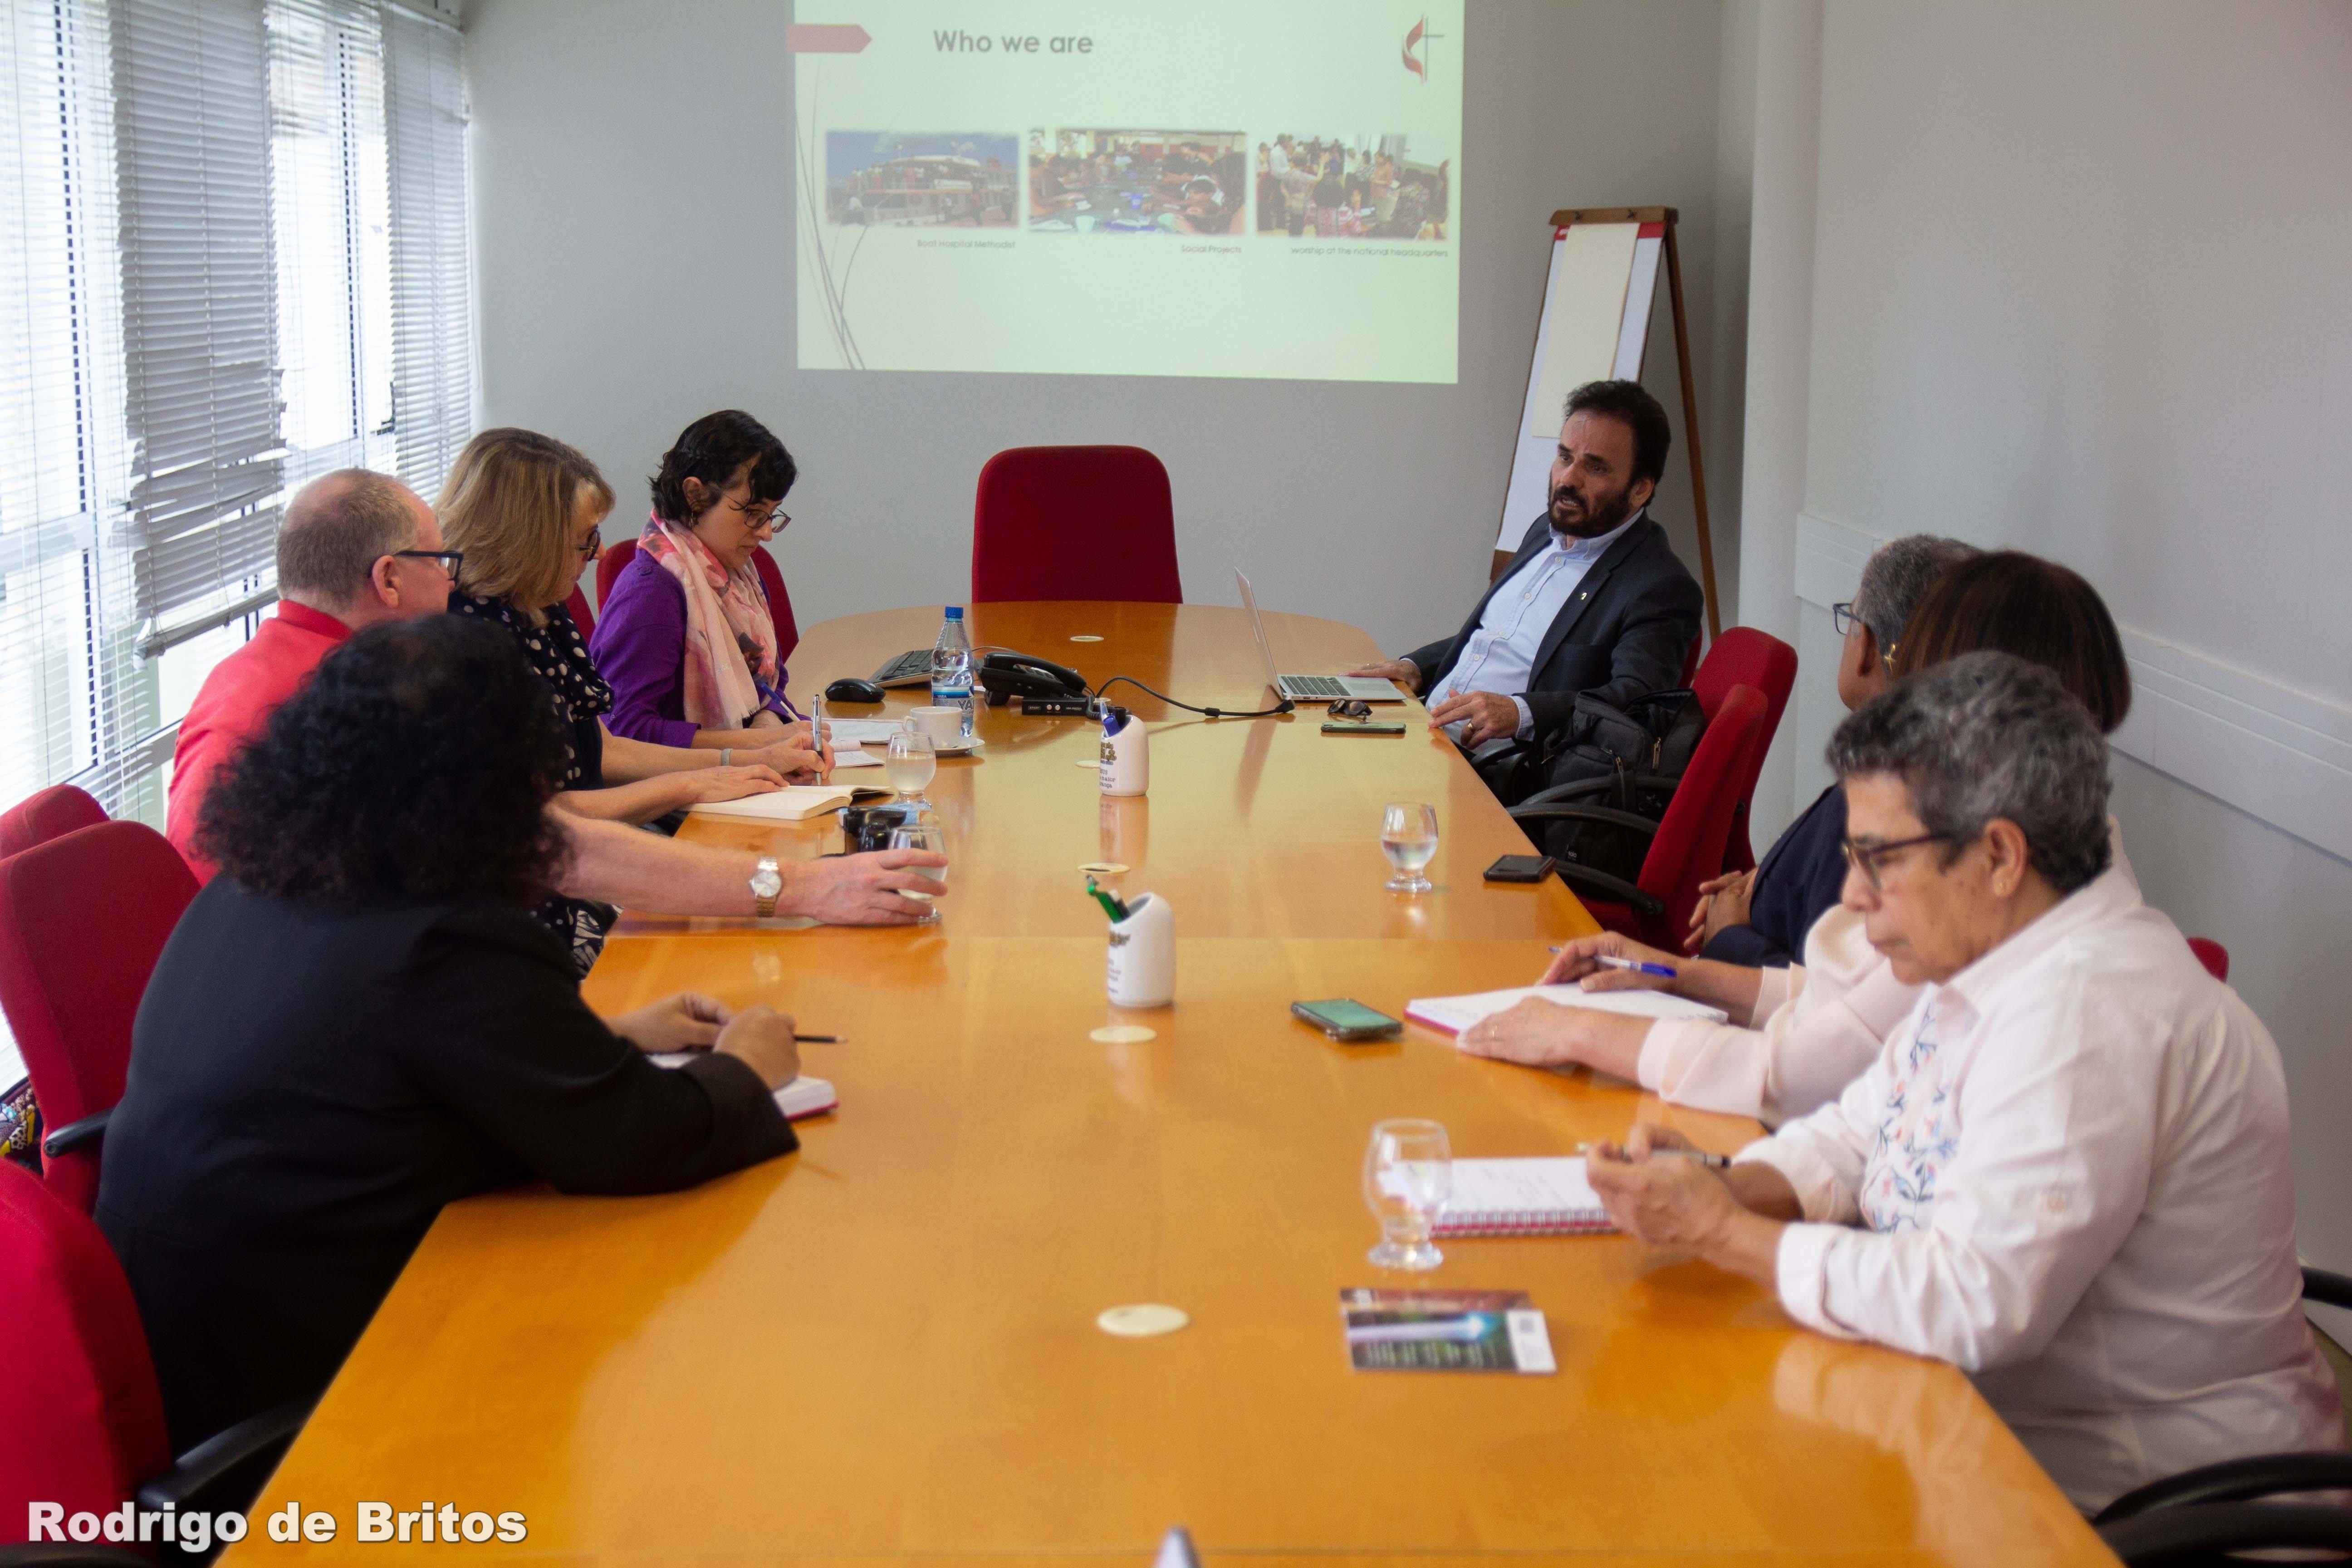 Representantes da Igreja Metodista Grã-Bretanha visitam o Brasil